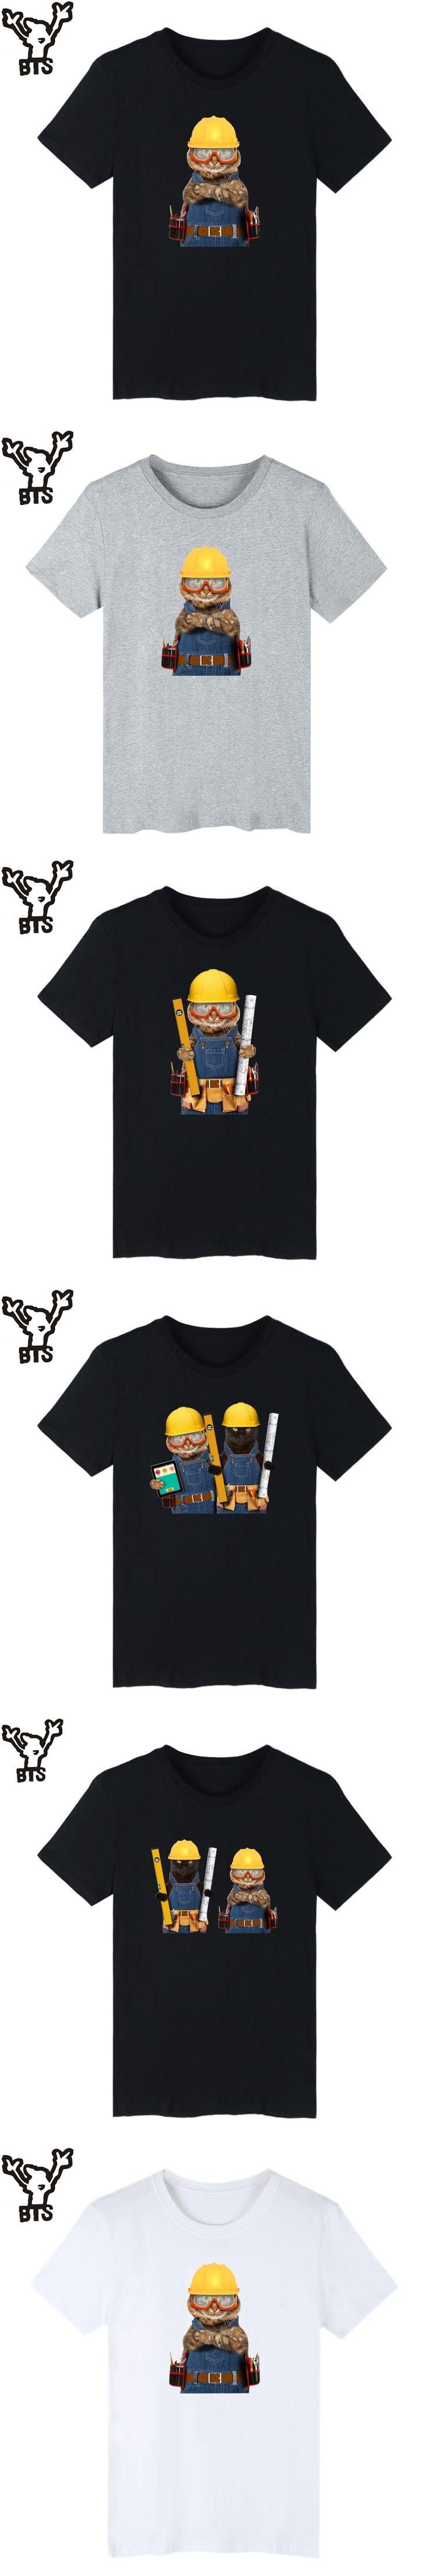 BTS Builder Cat Tee Shirt Men Summer Casual Cartoon Tshirt Men Short Sleeve Kawaii Engineer Cat 4XL Fashion T-shirt Men Cotton